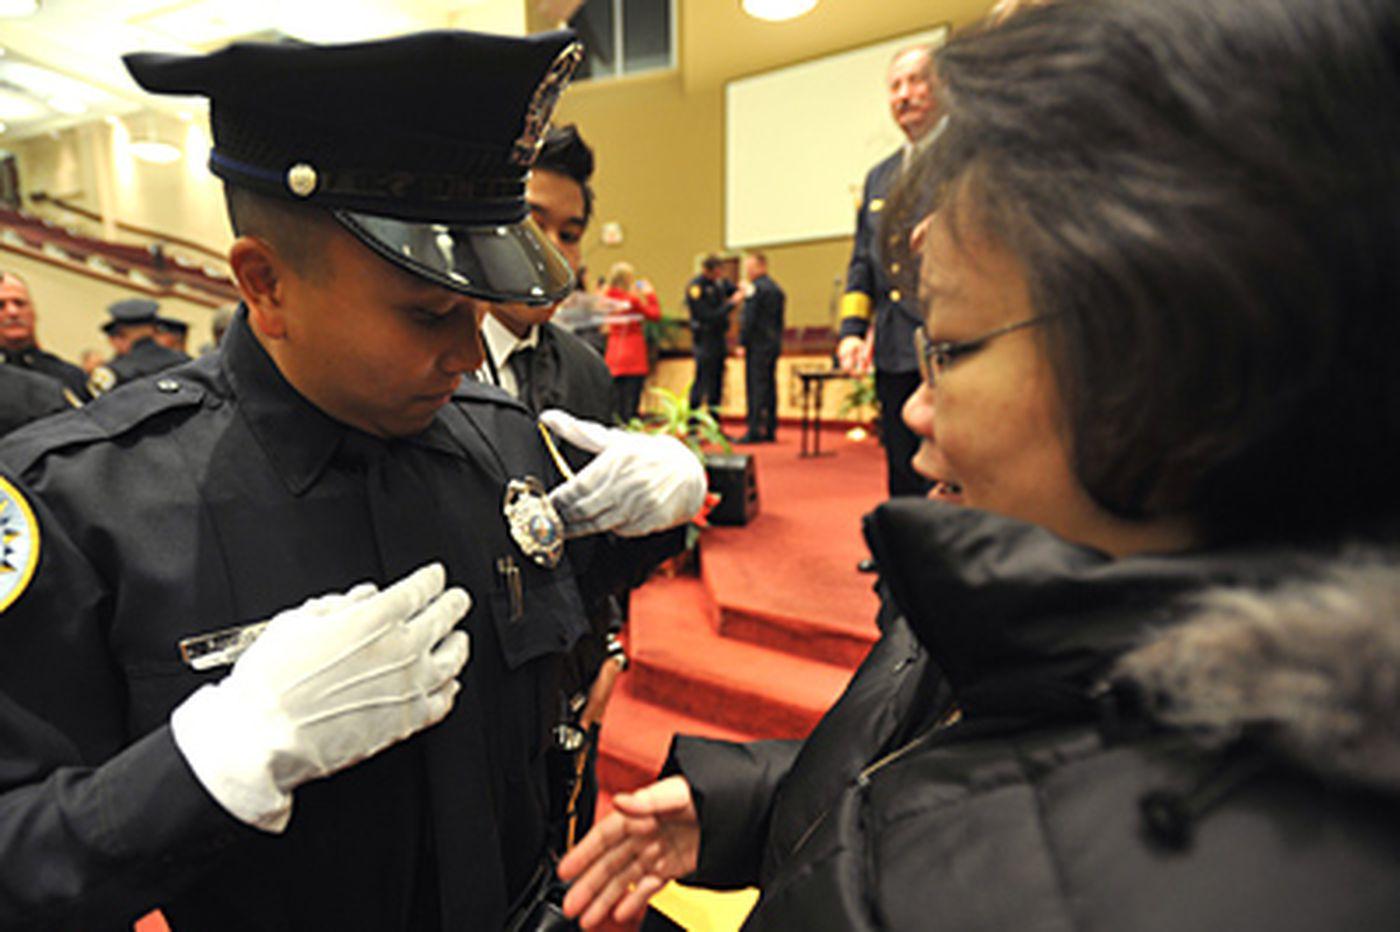 Laid-off N.J. officers find work in Nashville